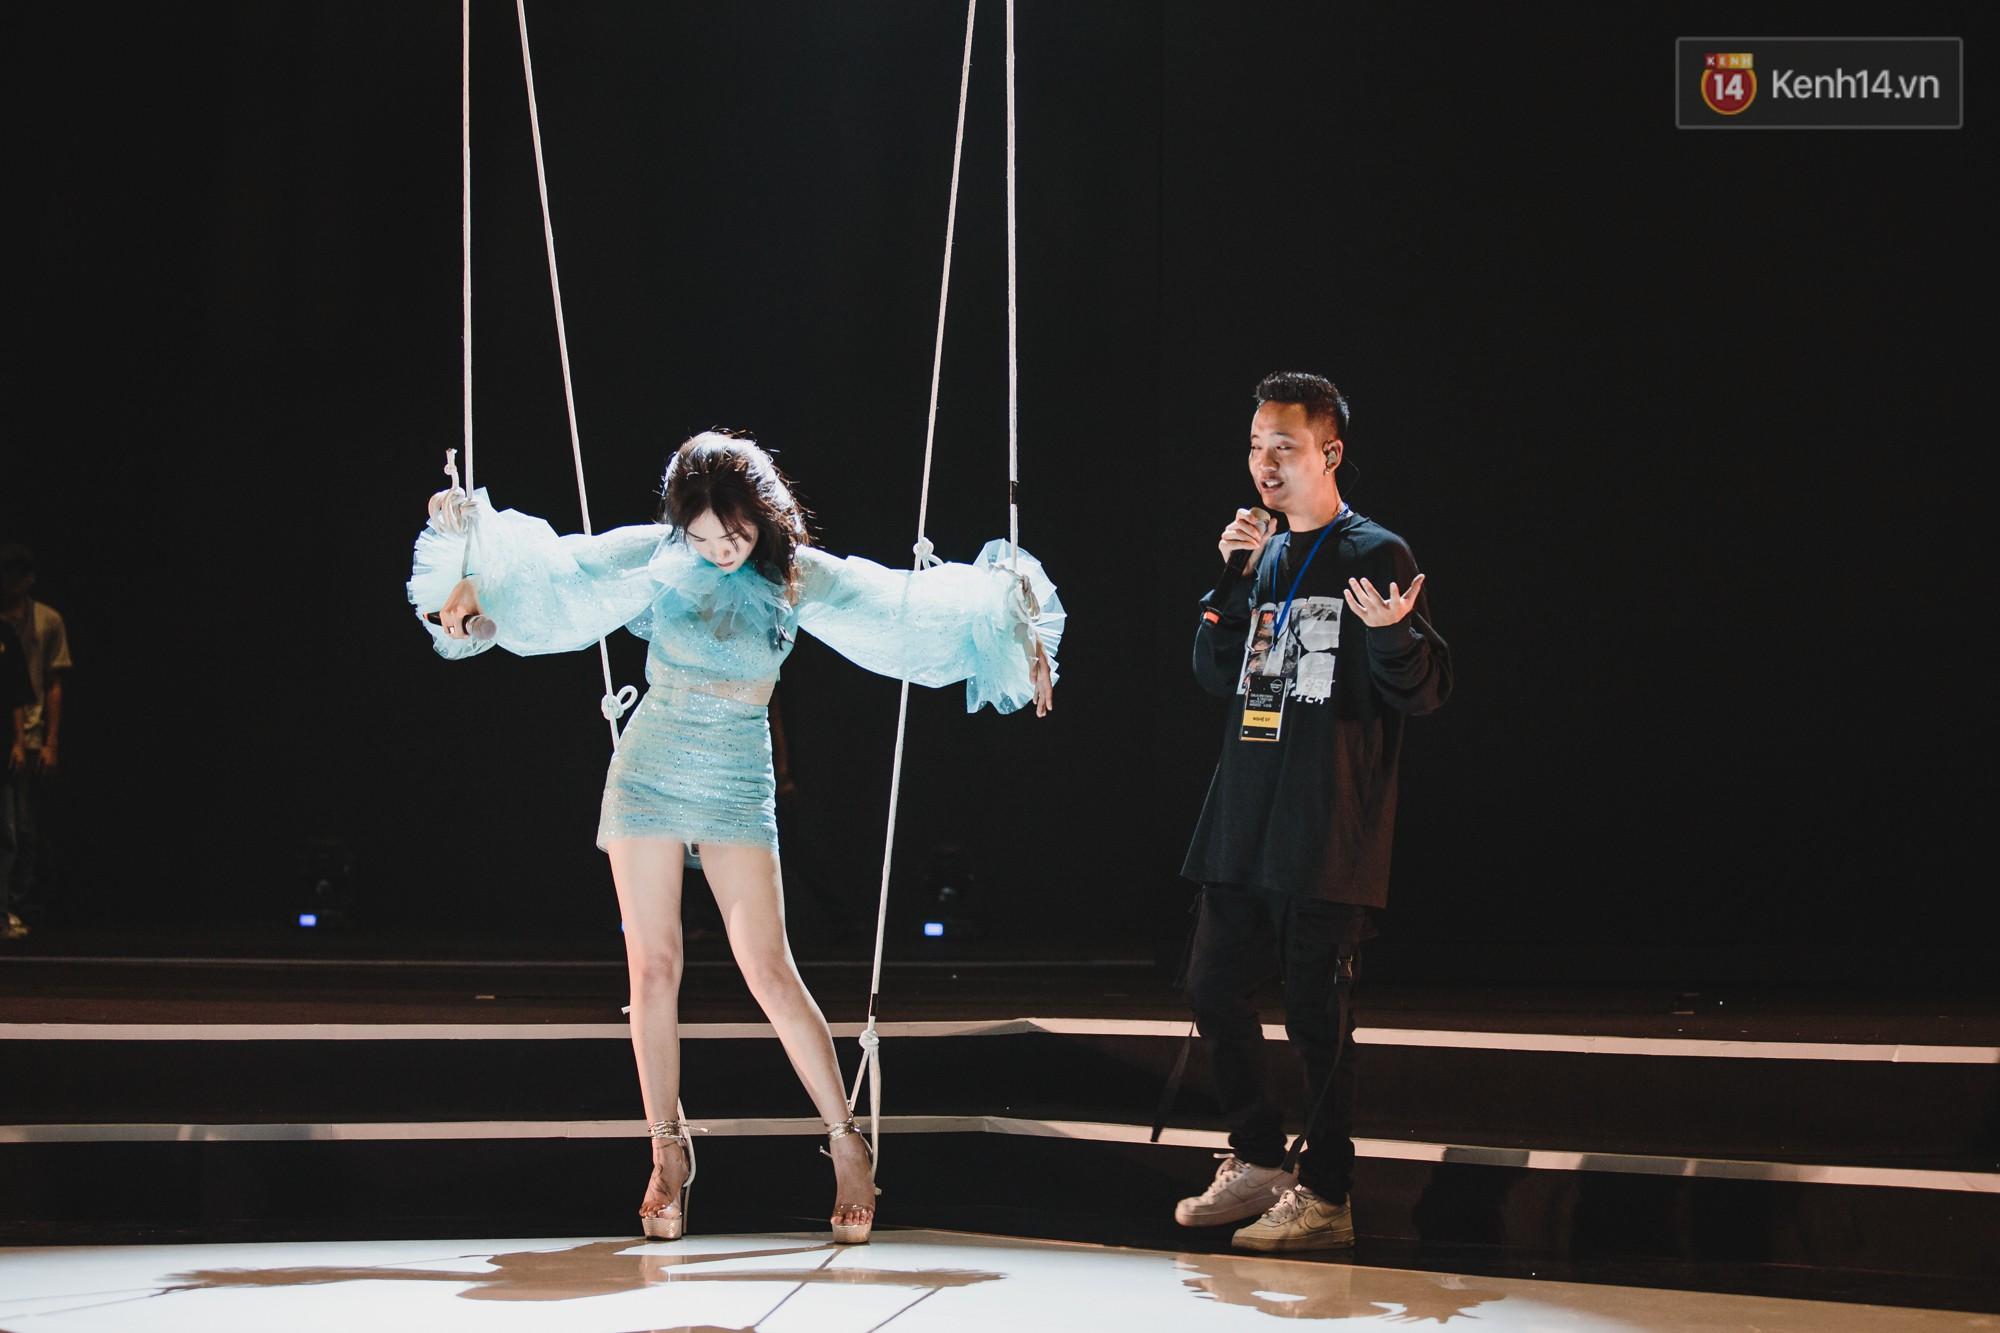 BinZ, Andree, Kimmese xuất hiện cực ngầu, cùng dàn nghệ sĩ tổng duyệt lần cuối sát giờ G Gala WeChoice - Ảnh 6.